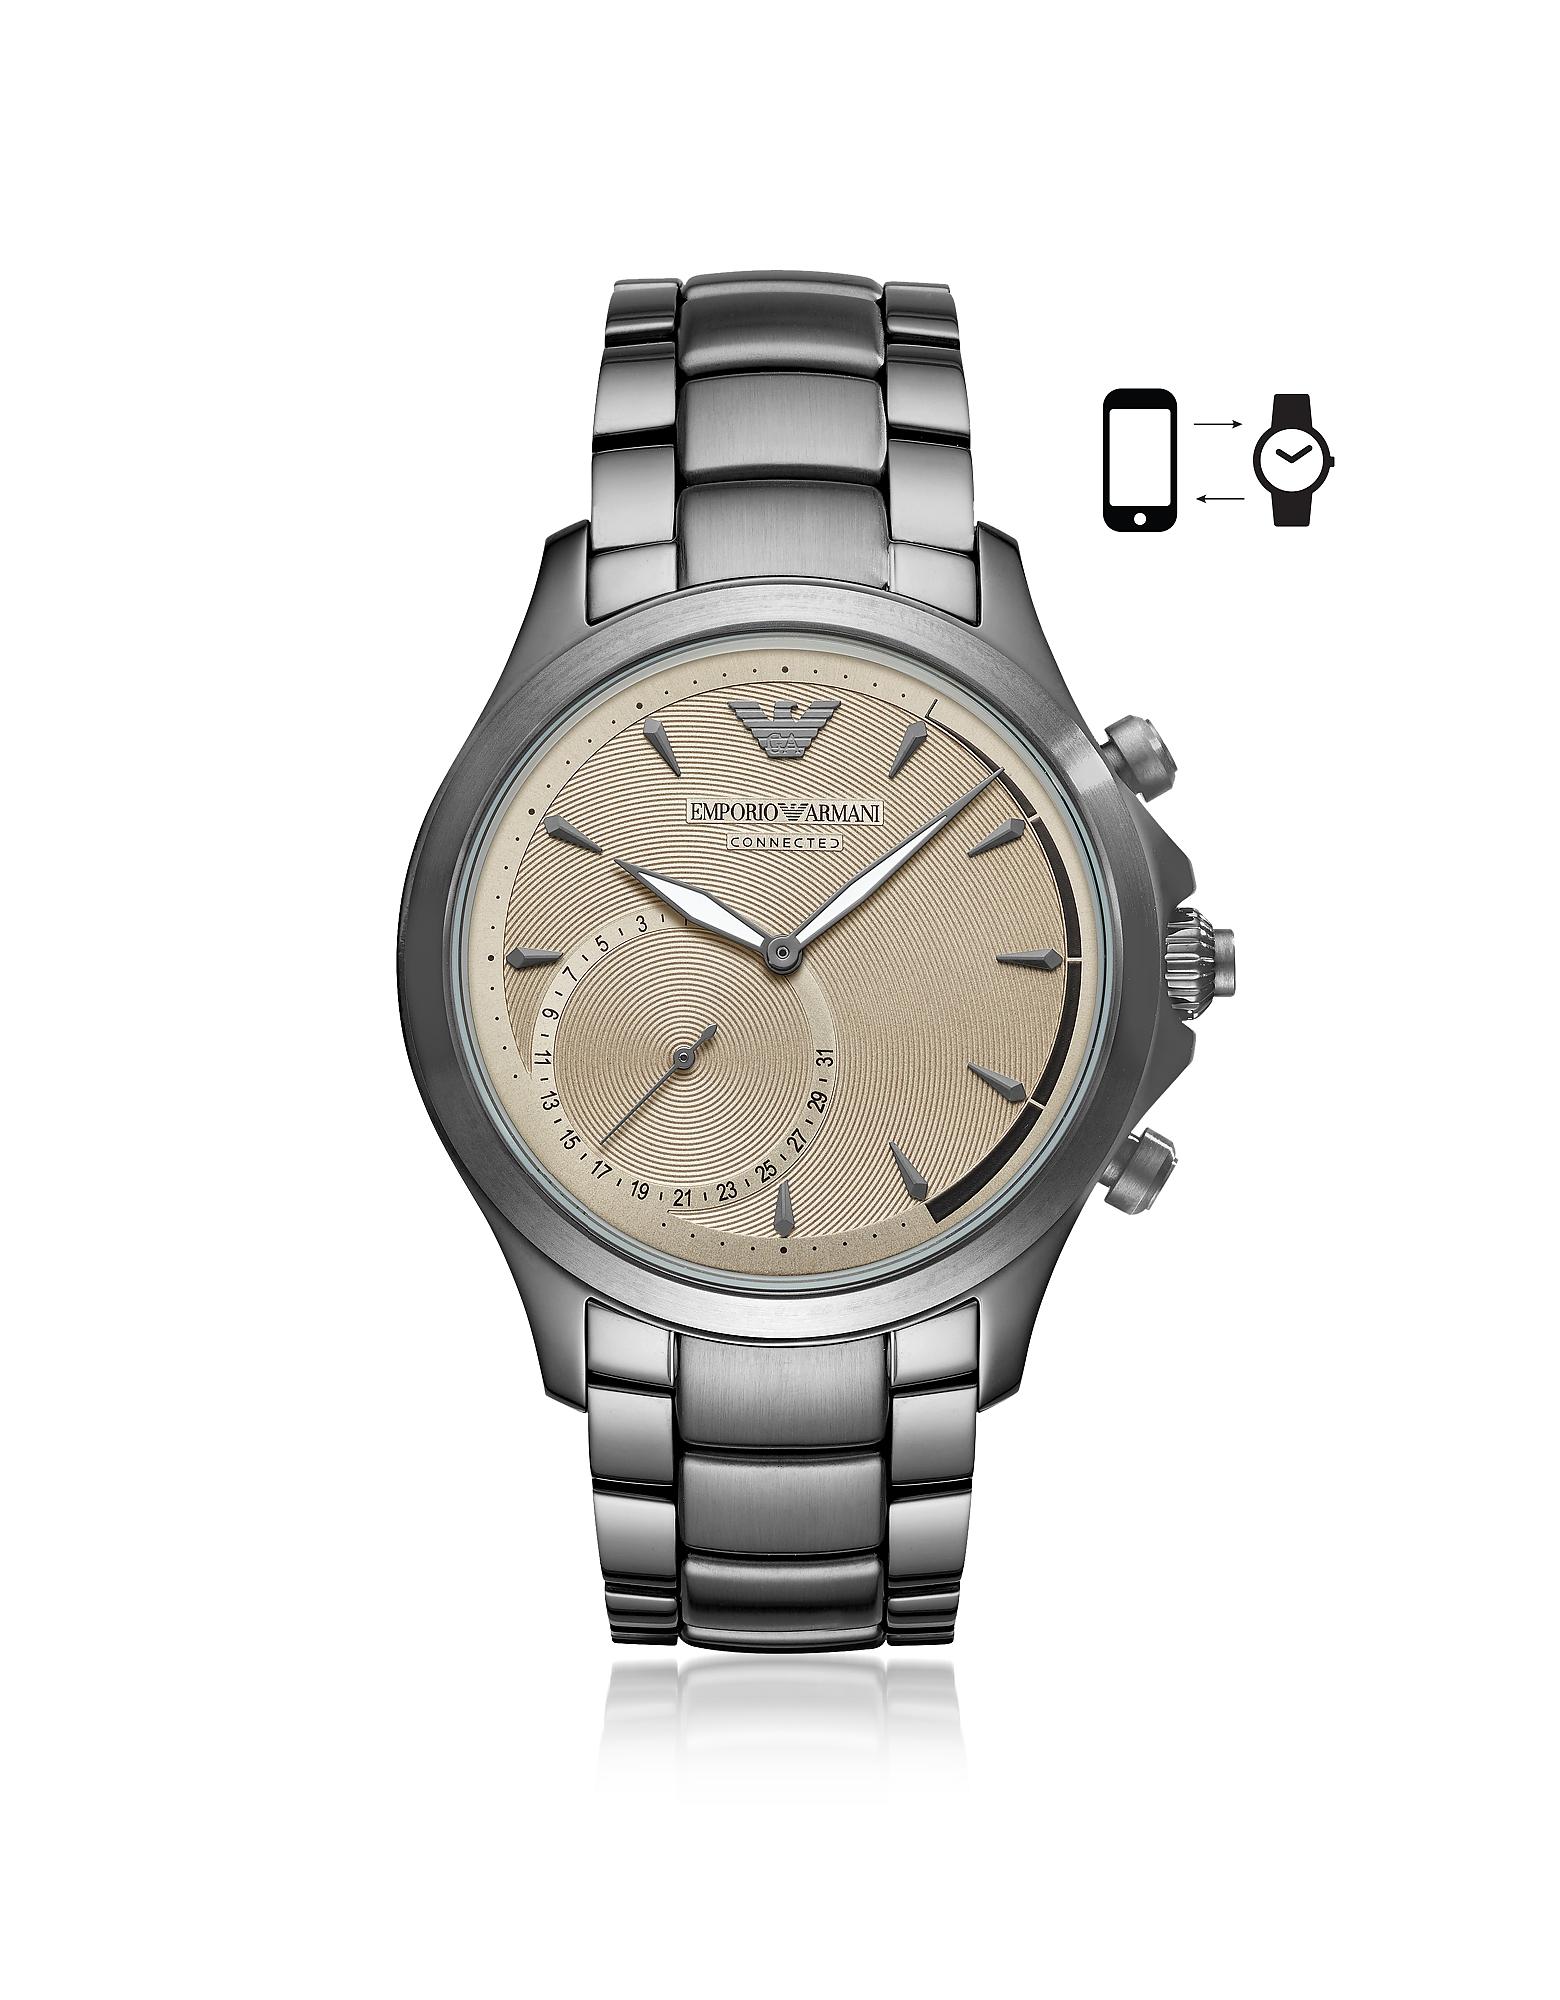 Emporio Armani Men's Watches, Emporio Armani Connected Men's Hybrid Smartwatch